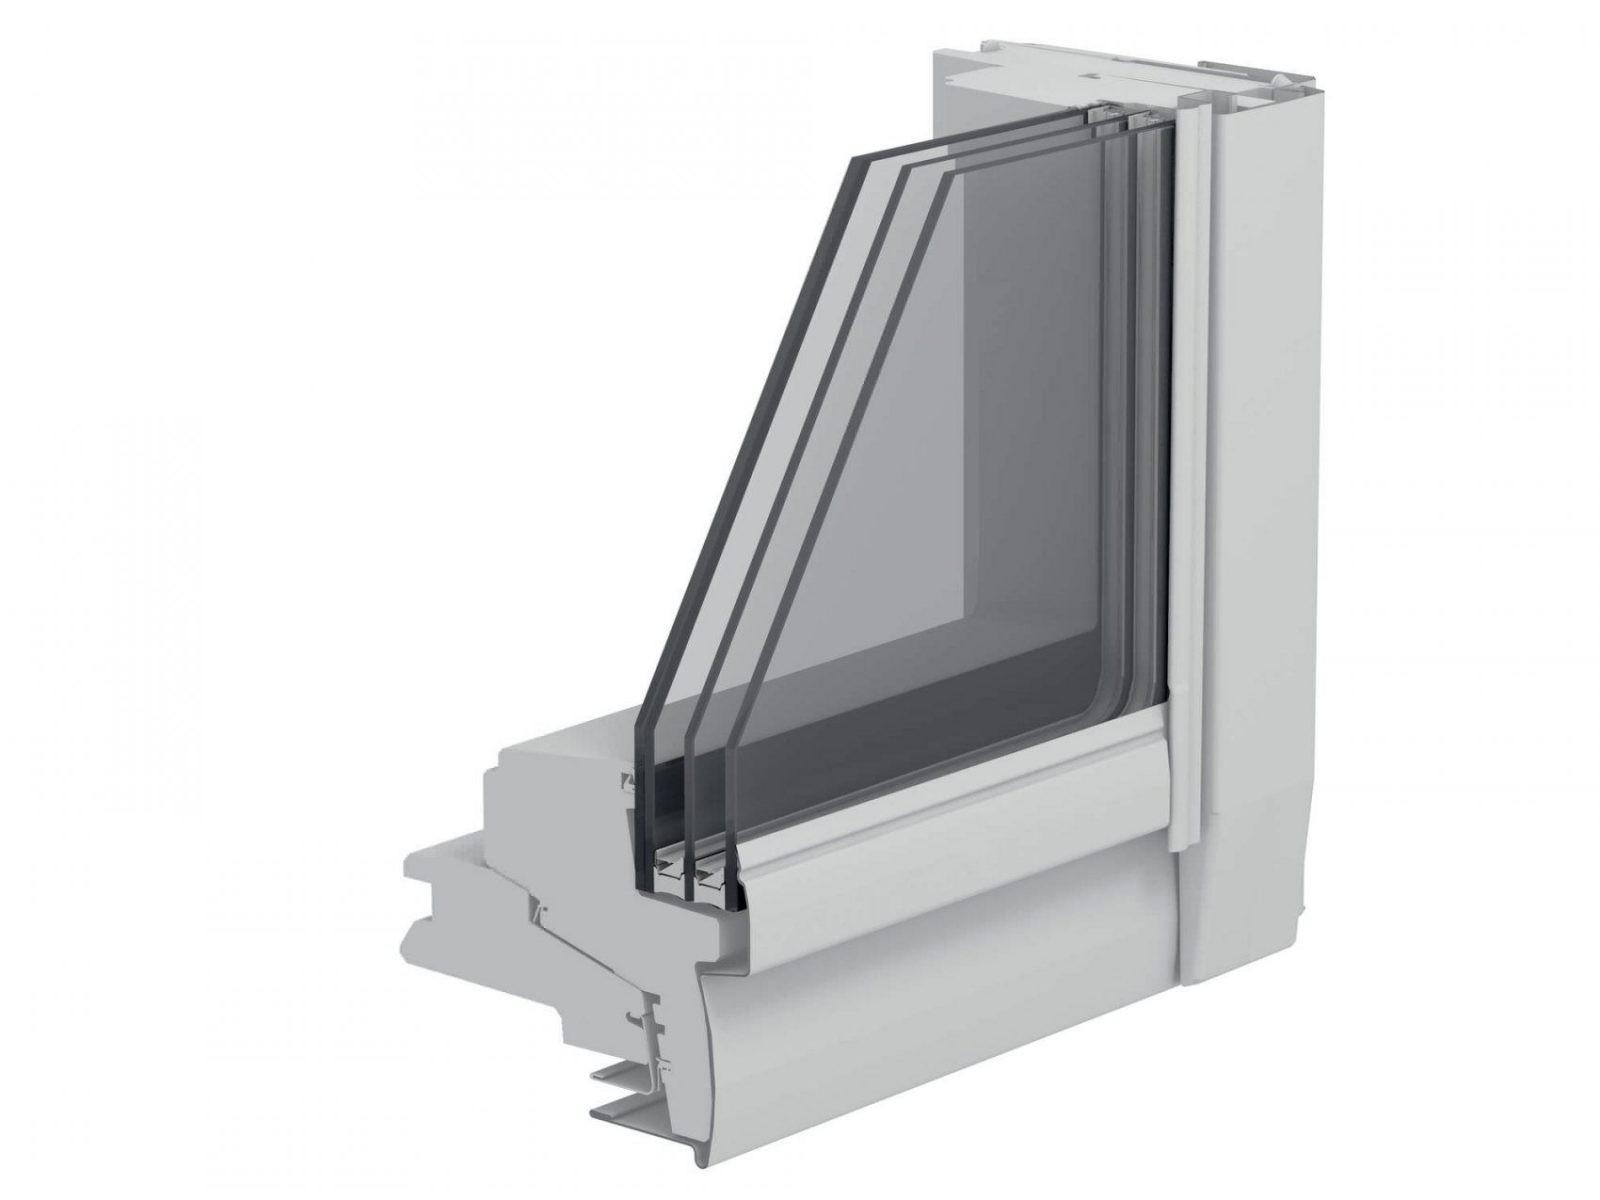 Projektionsdachfenster  Schwing  Holz  3Fachverglasung von Velux 3 Fach Verglasung Bild